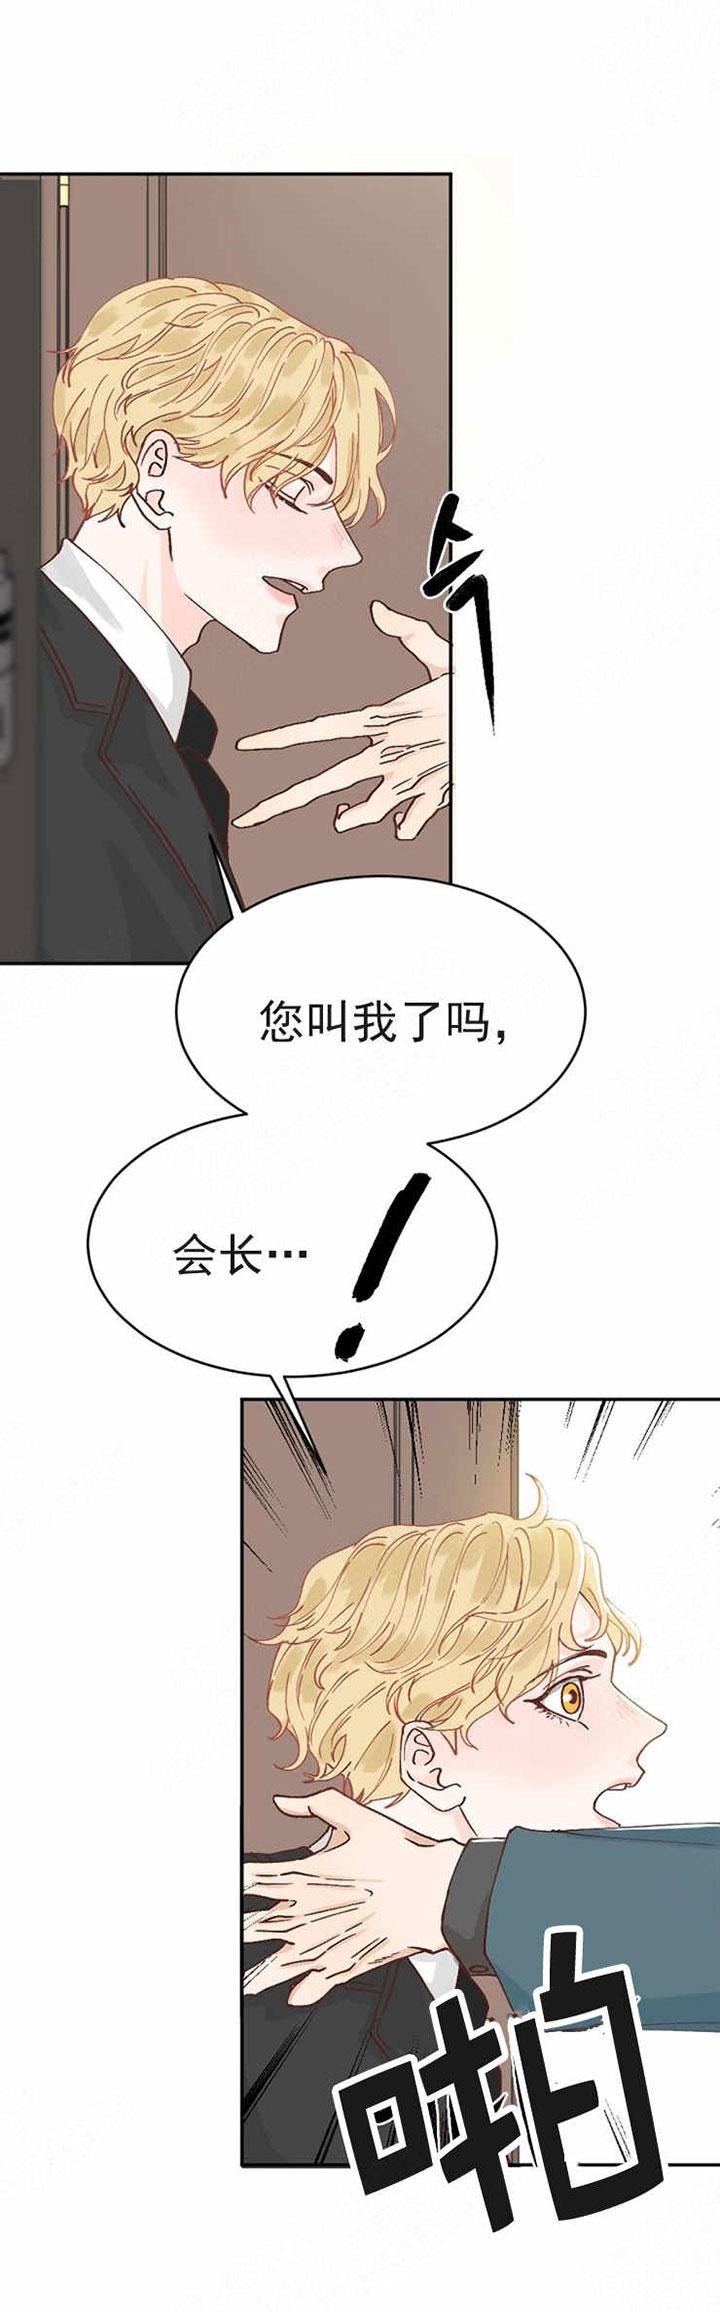 会长!请放开我-漫画下拉式阅读_最新连载完整版汉化-啵乐漫画